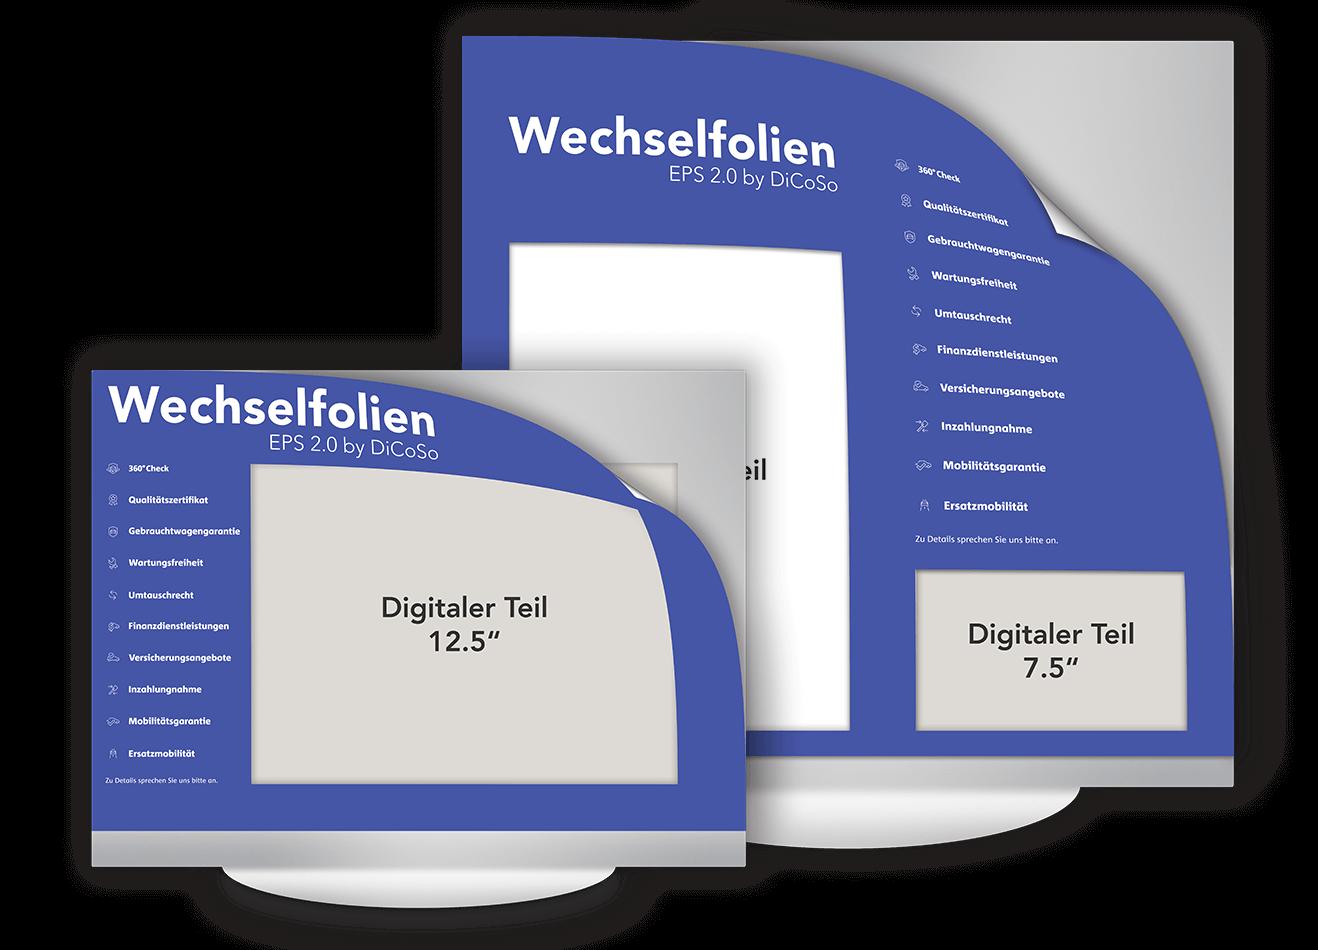 EPS 2.0 by DiCoSo Wechselfolie Elektronisches Preisschild 7.5 Zoll und 12.5 Zoll